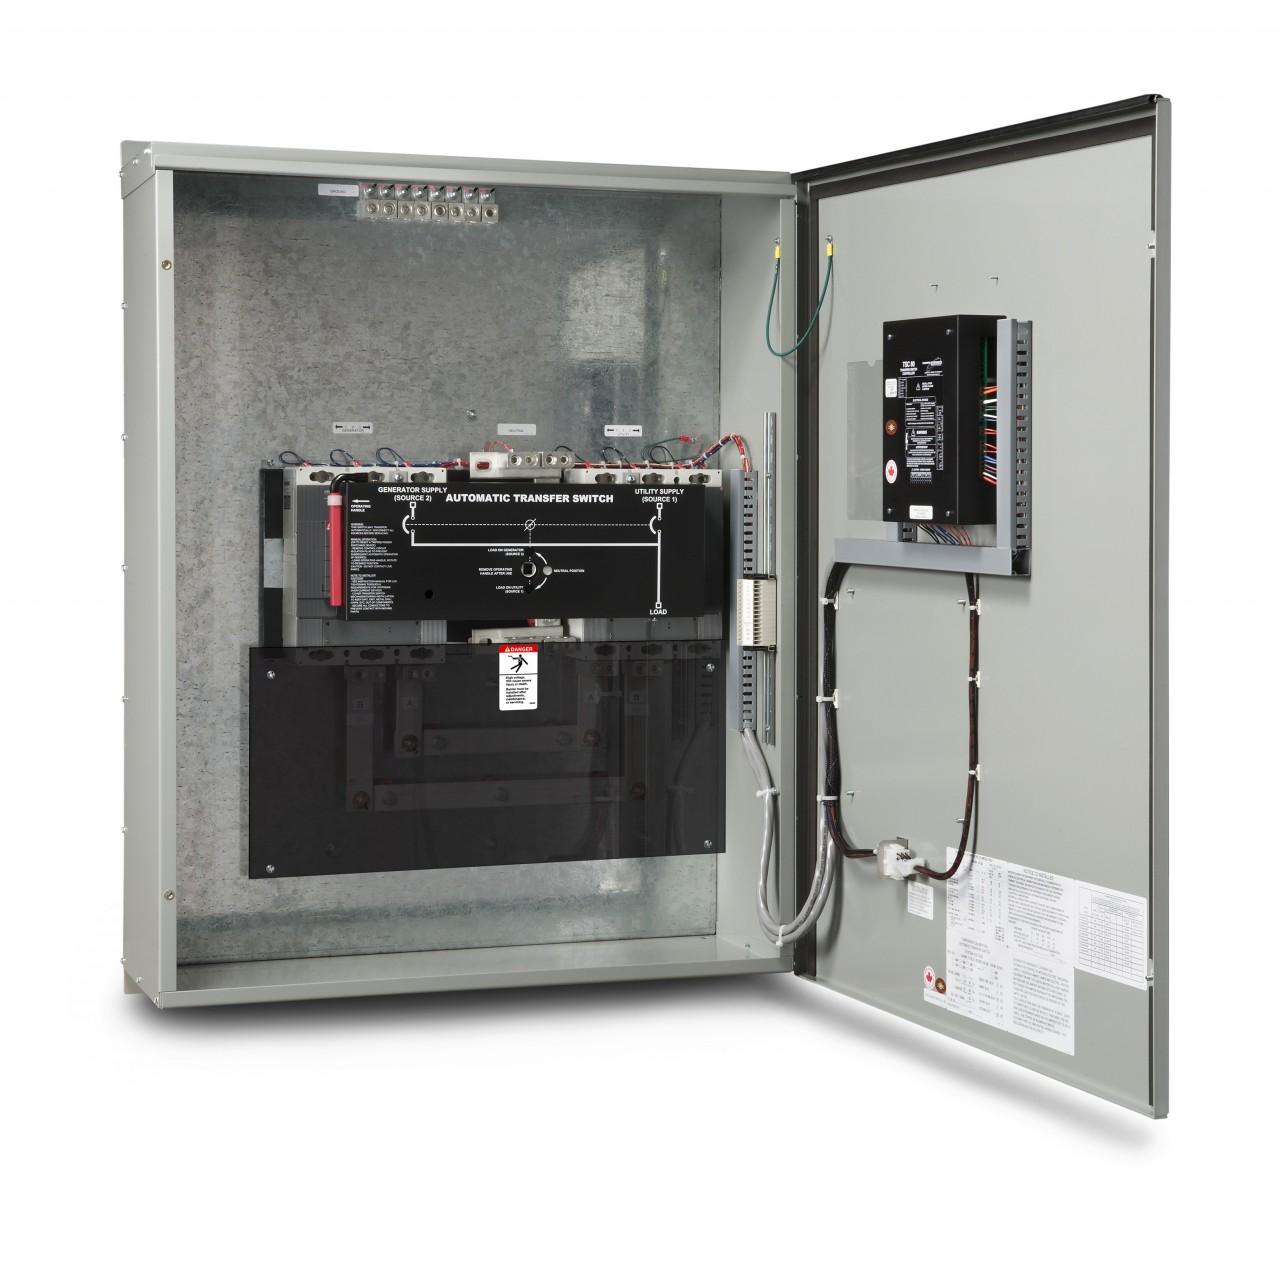 Thomson TS840 Auto Transfer Switch (1Ph, 200A)